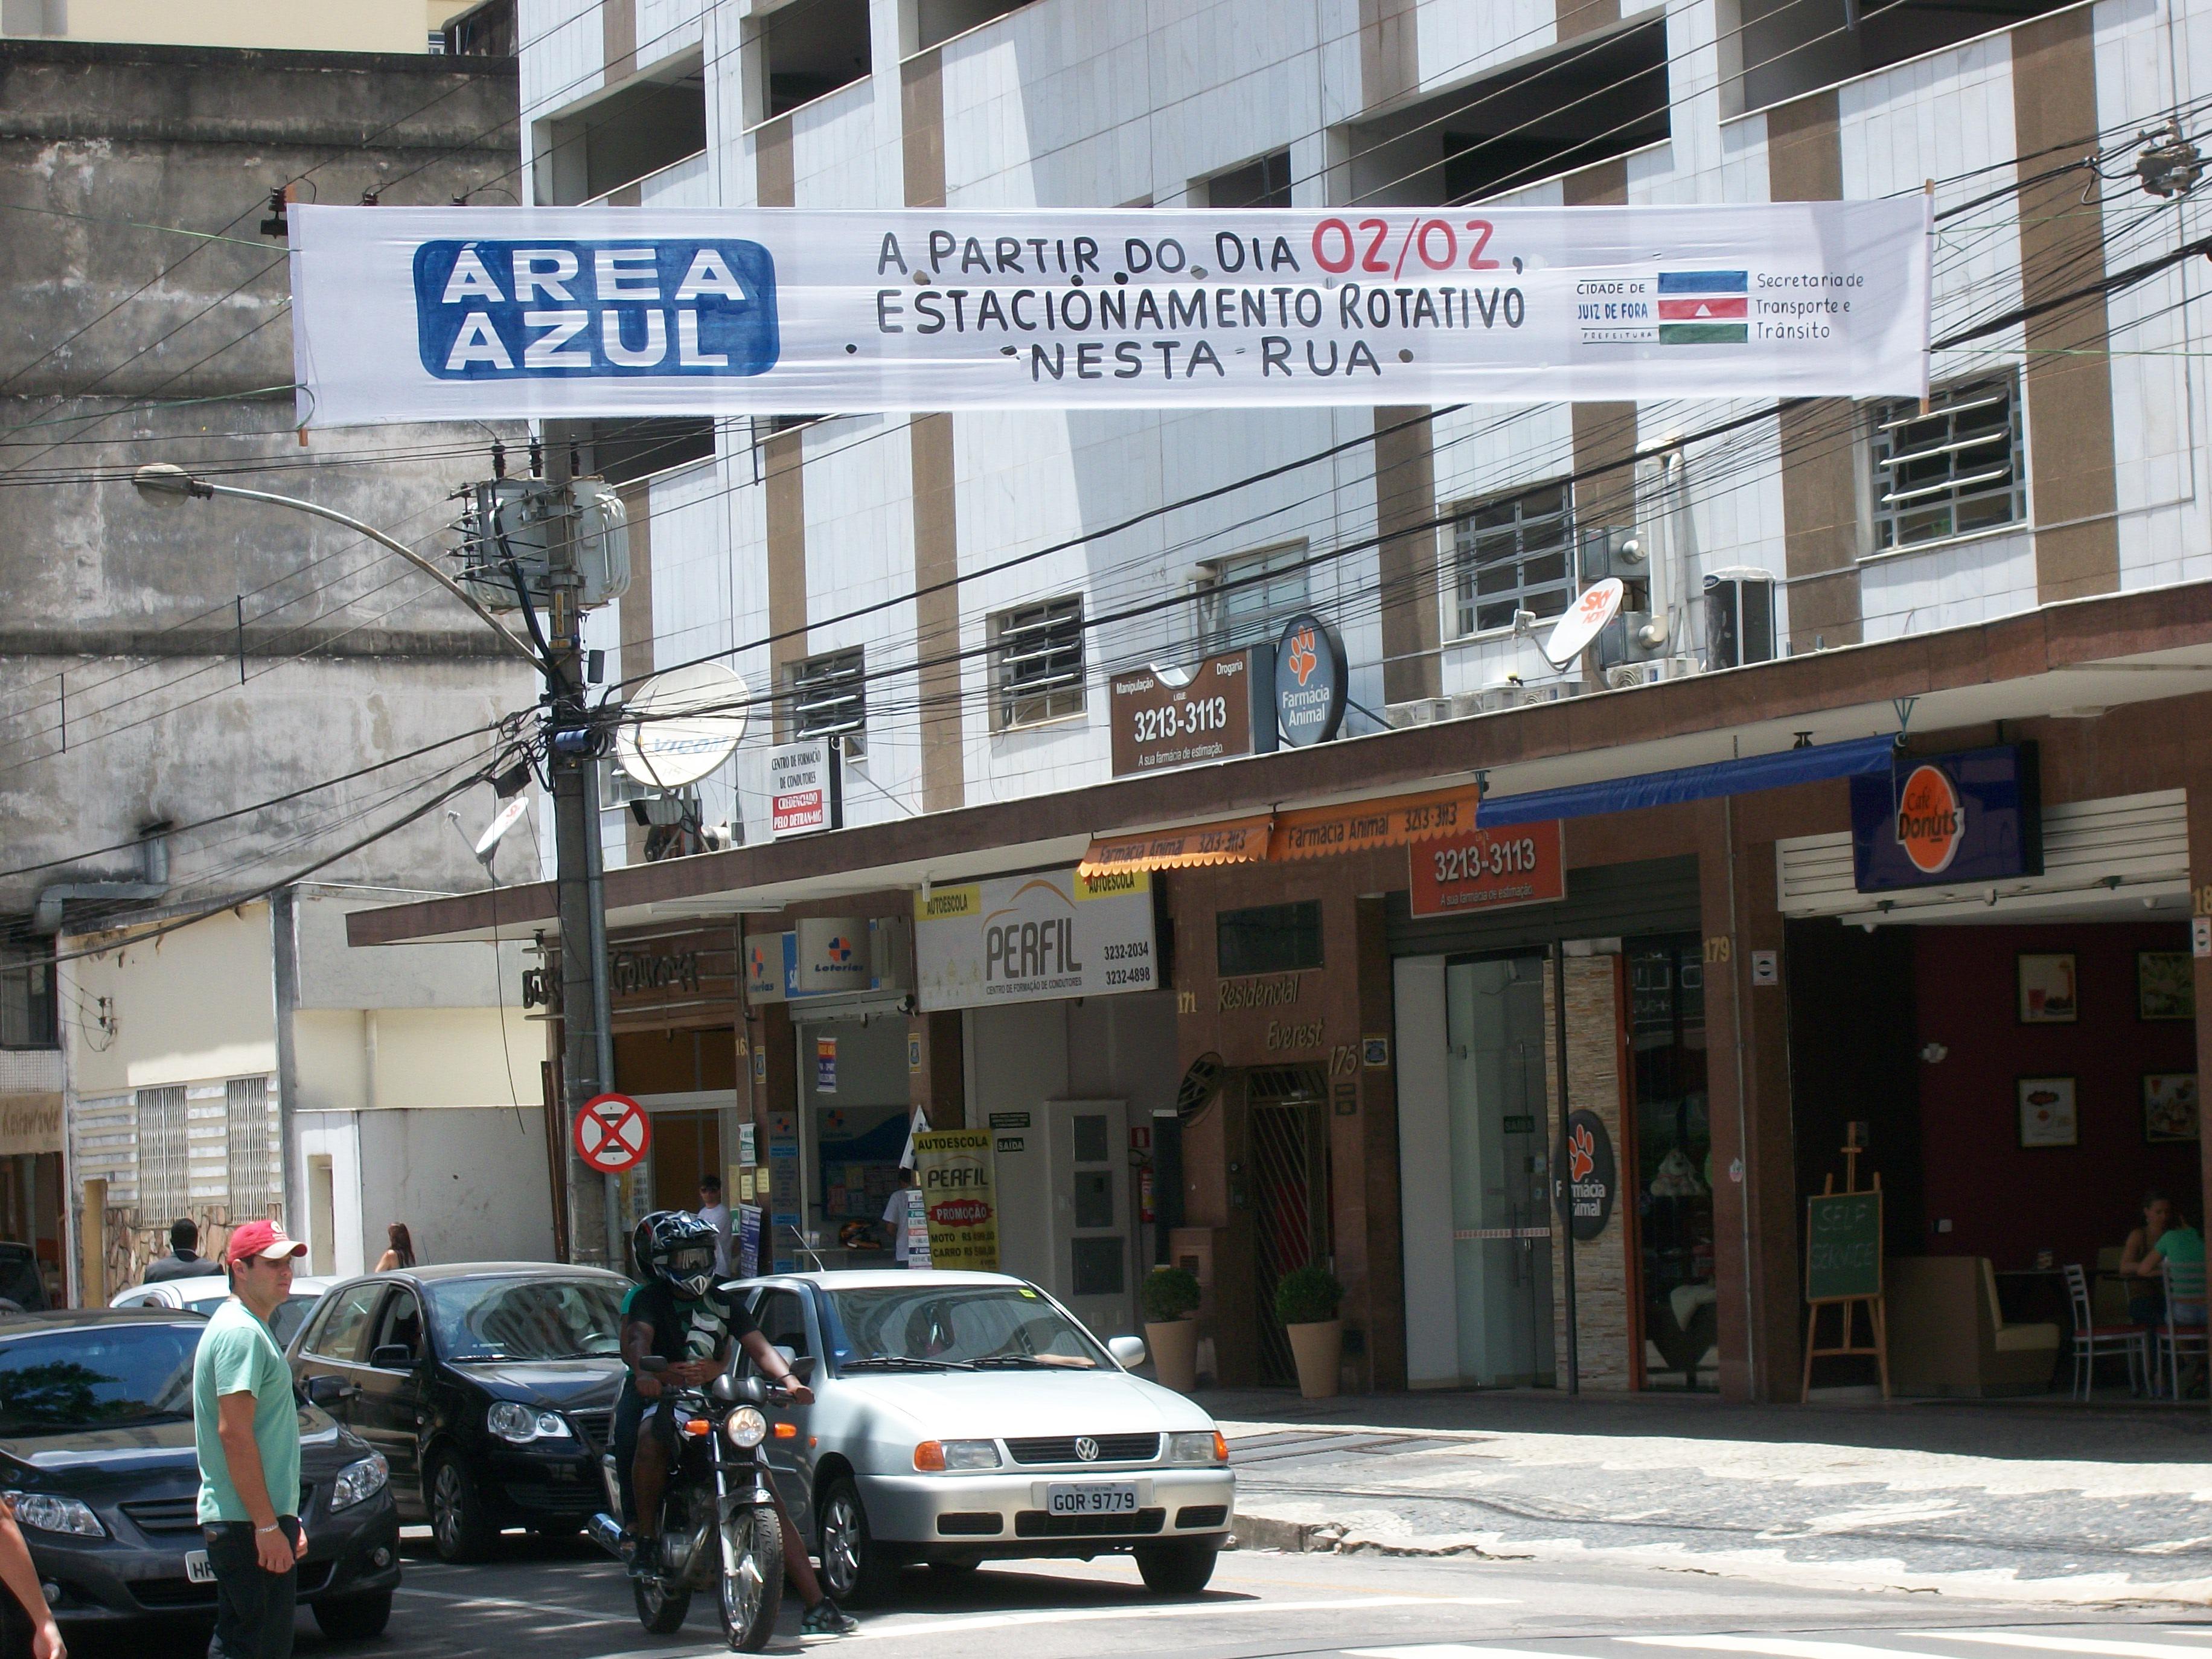 FileFaixa Sobre A Rua Padre Caf Implantao De Estacionamento Rotativo